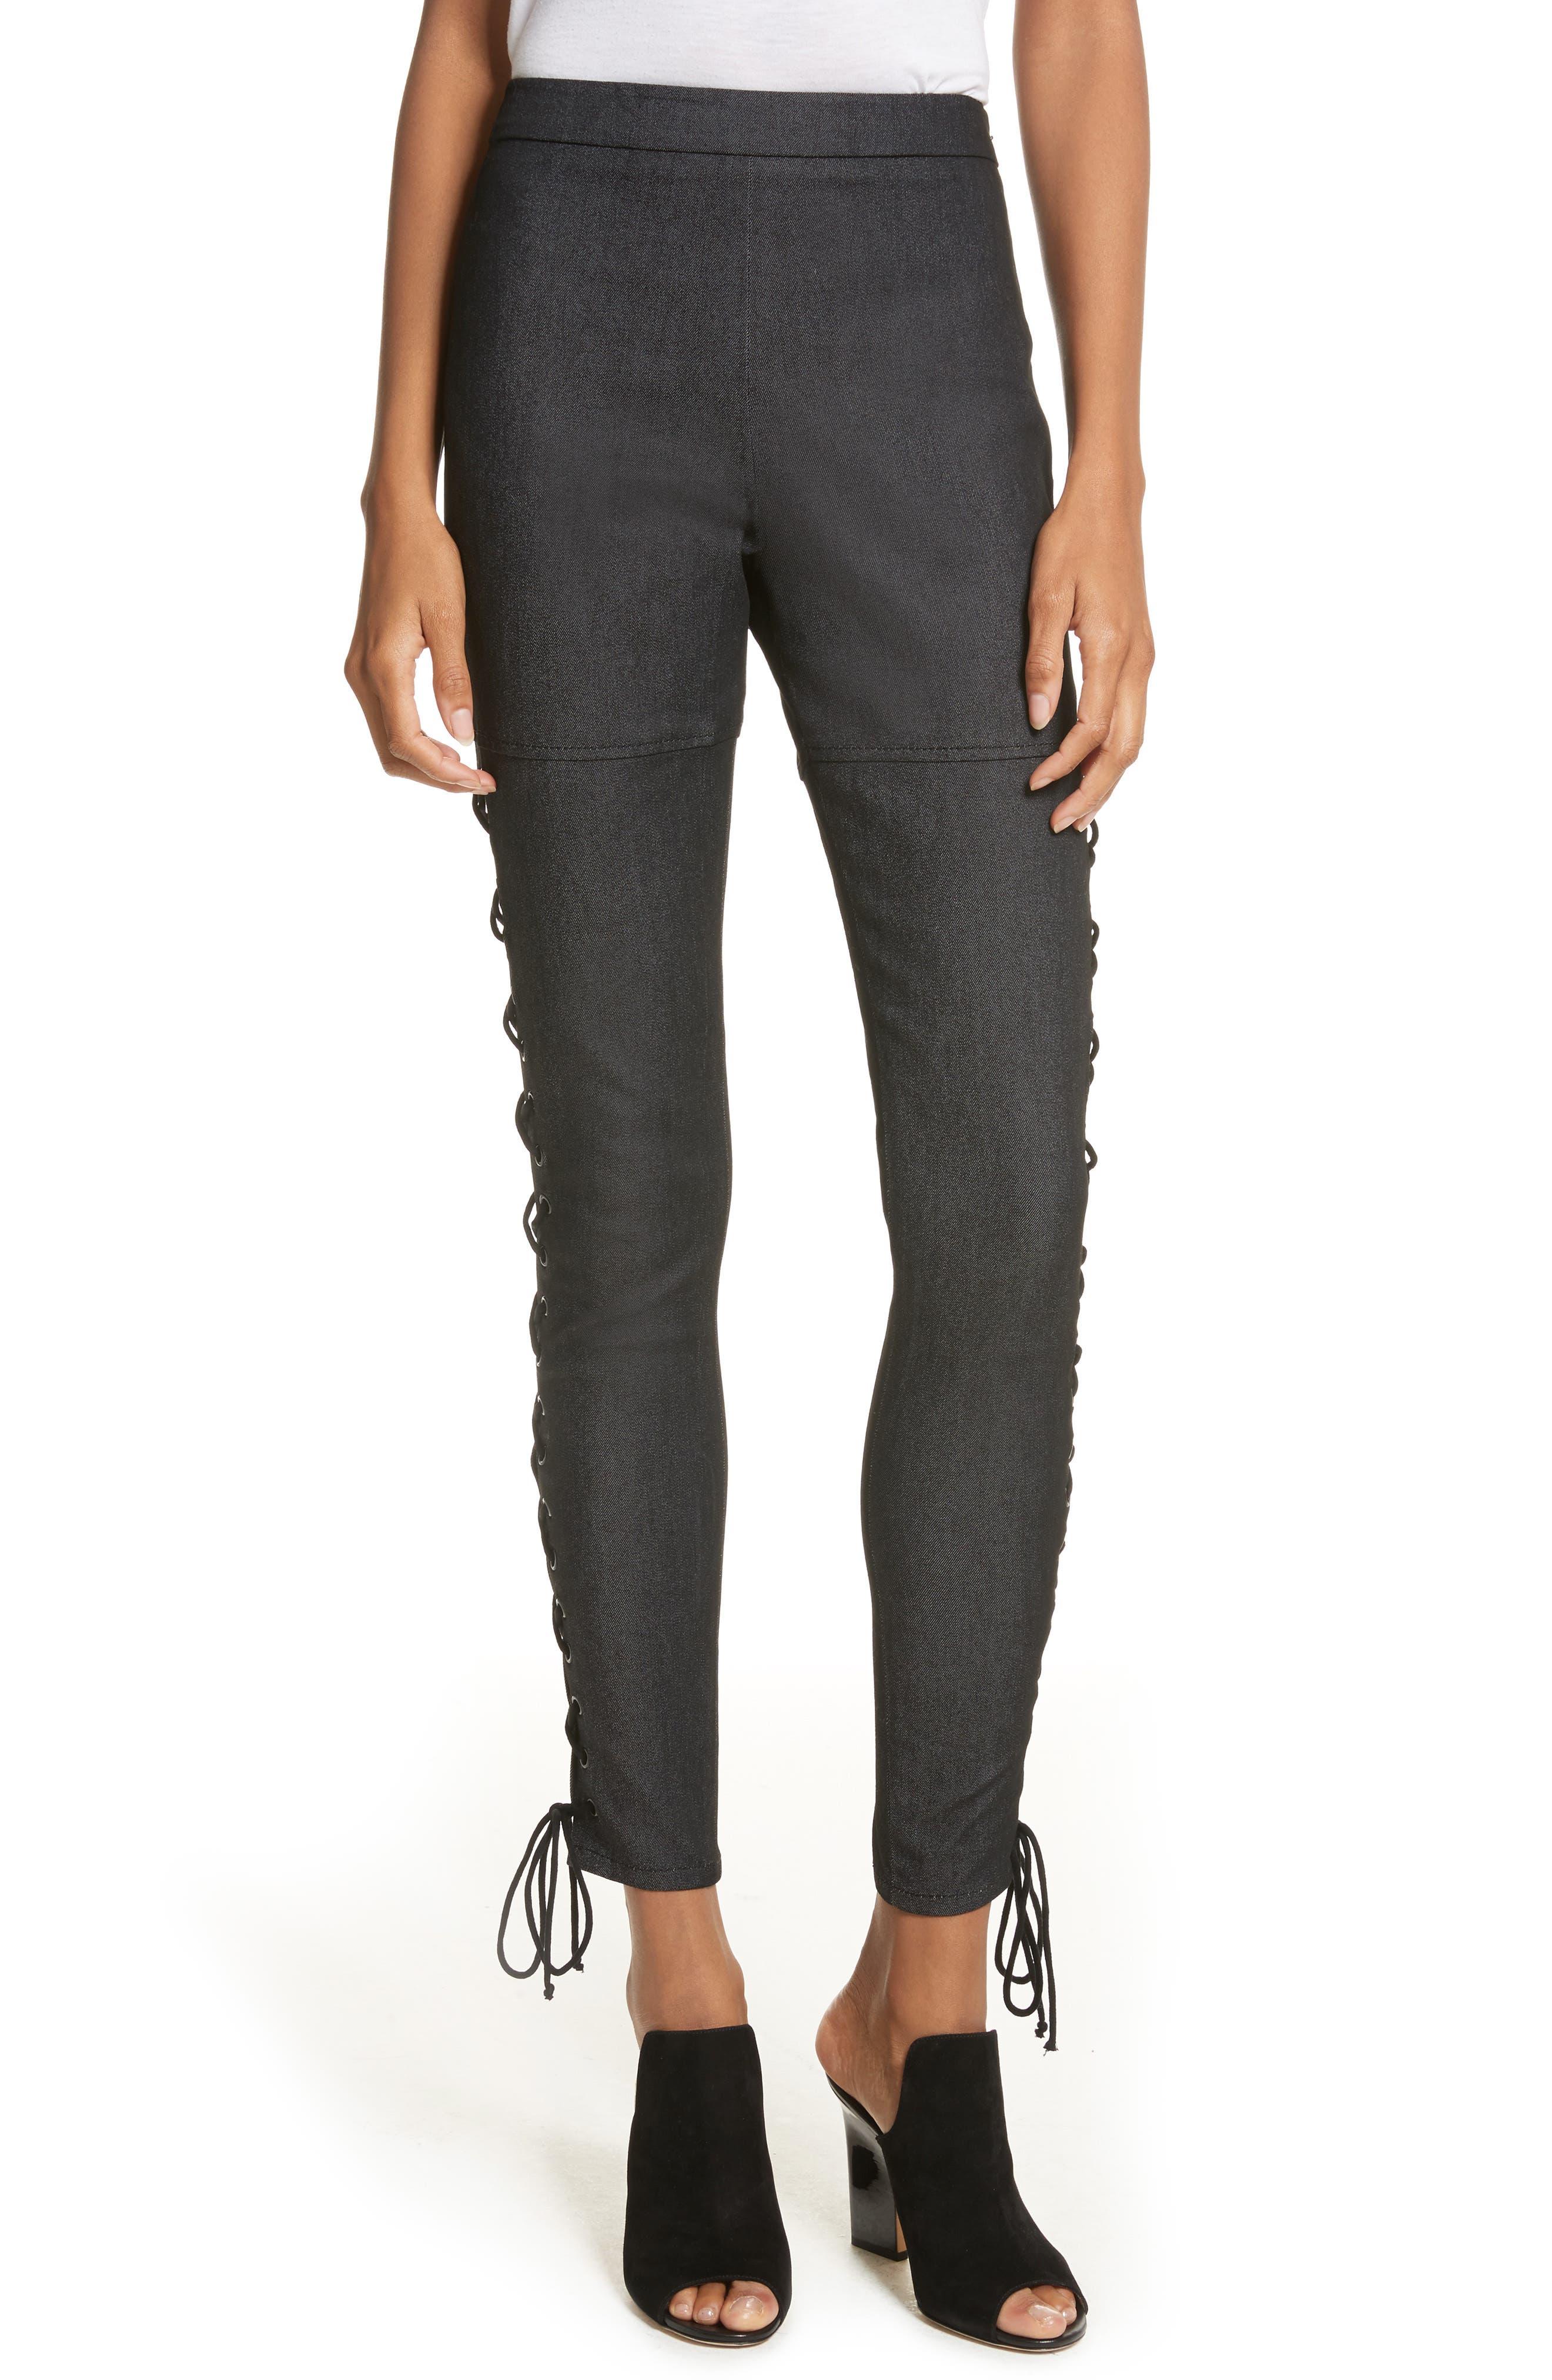 Kiran Lace-Up Stretch Denim Pants,                         Main,                         color, 001